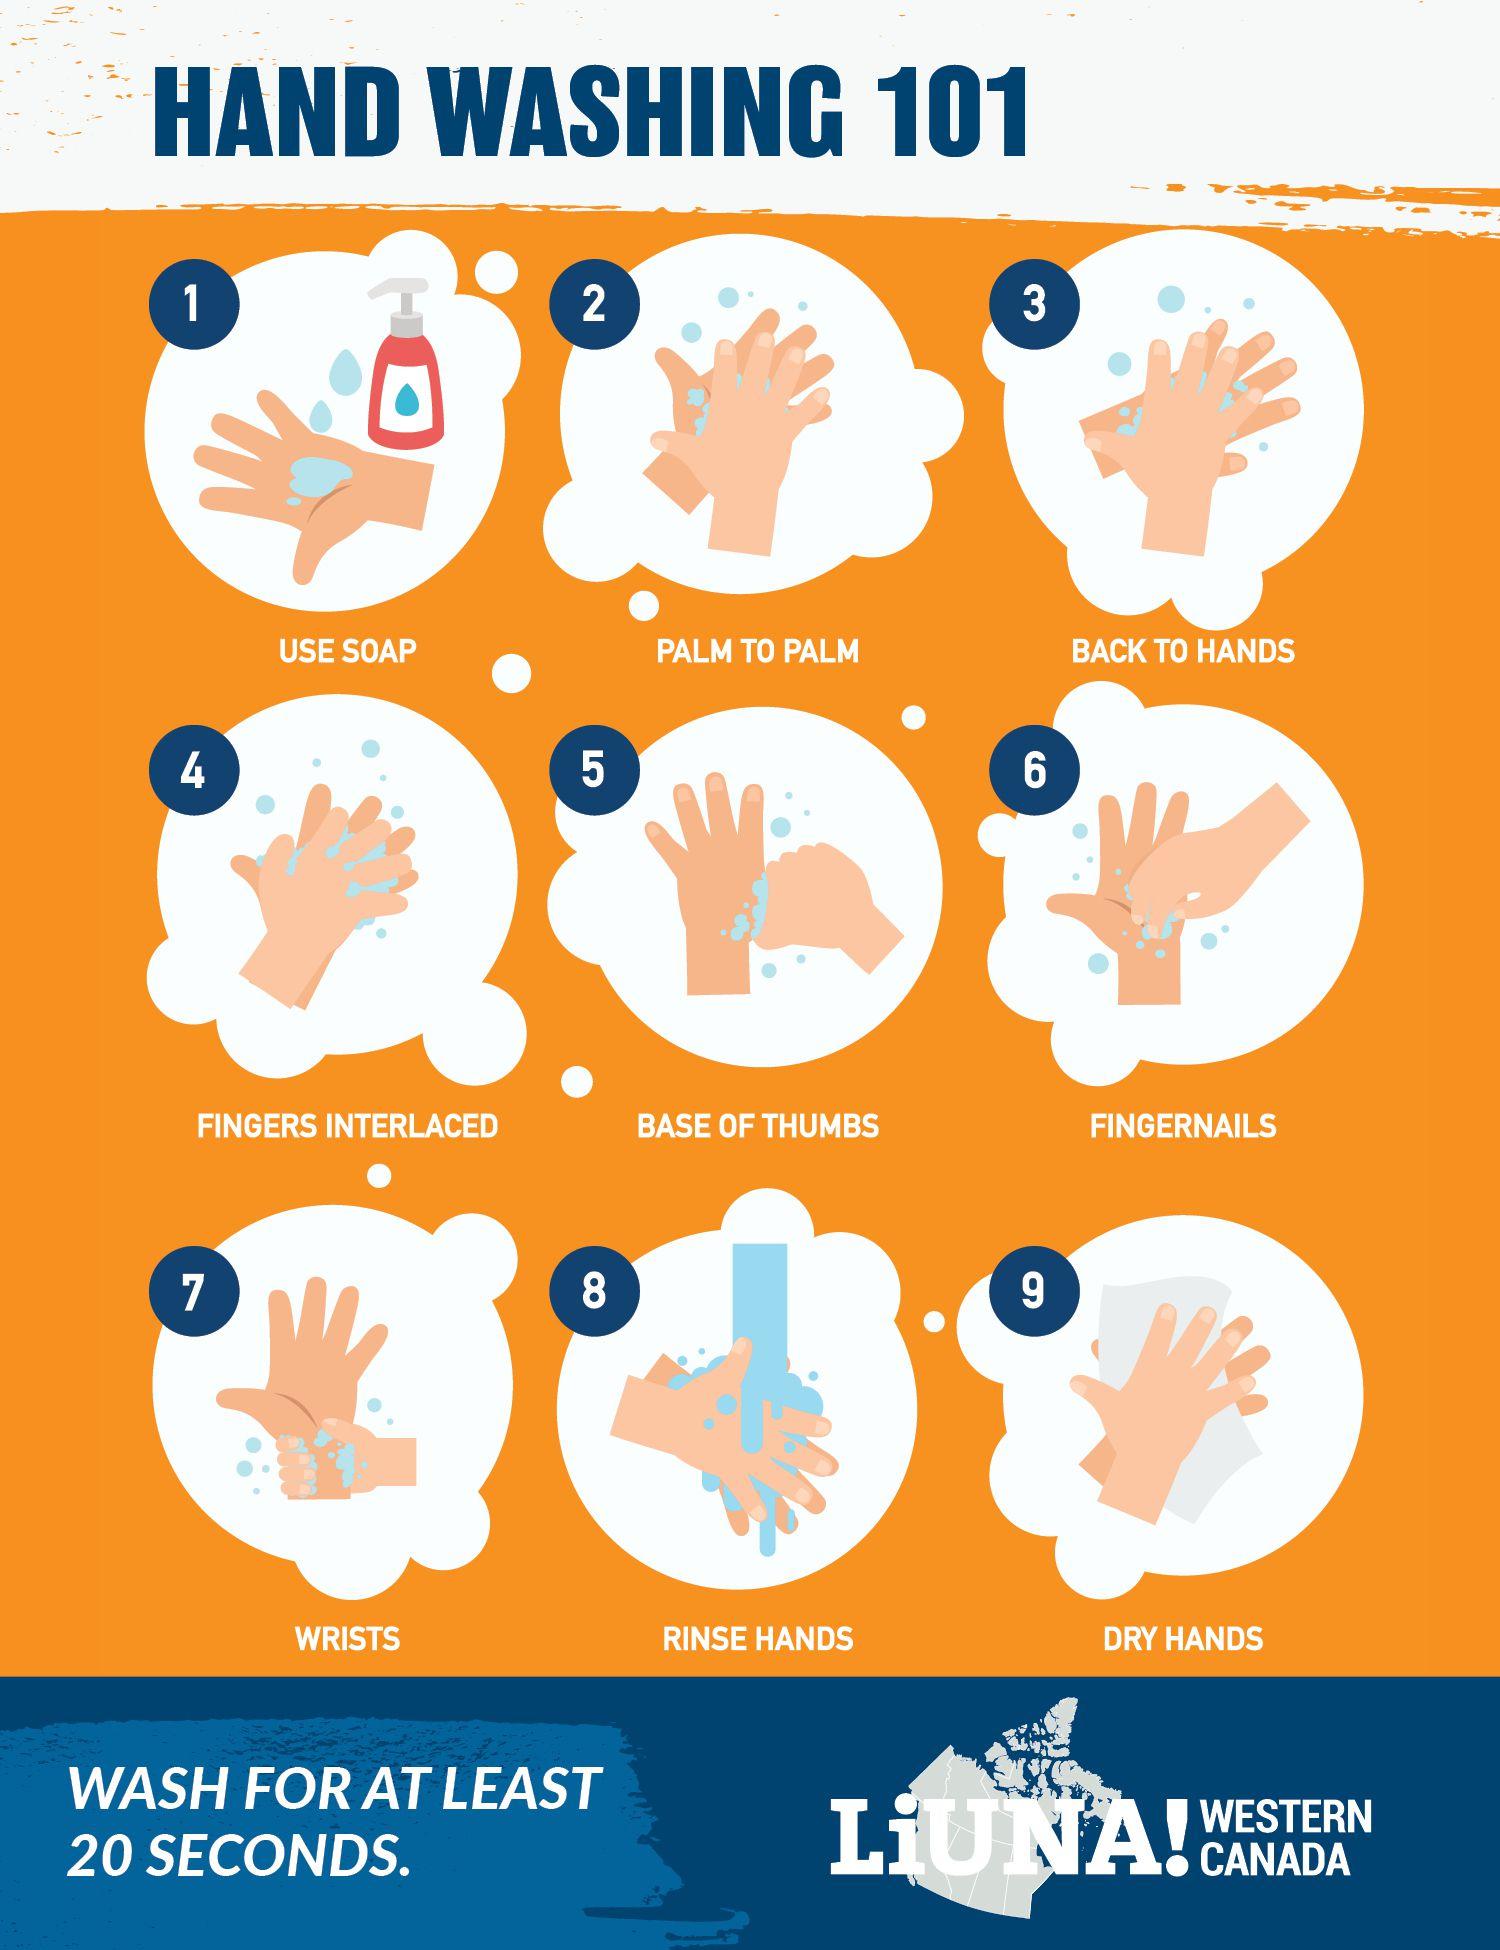 Hand washing 101.jpg